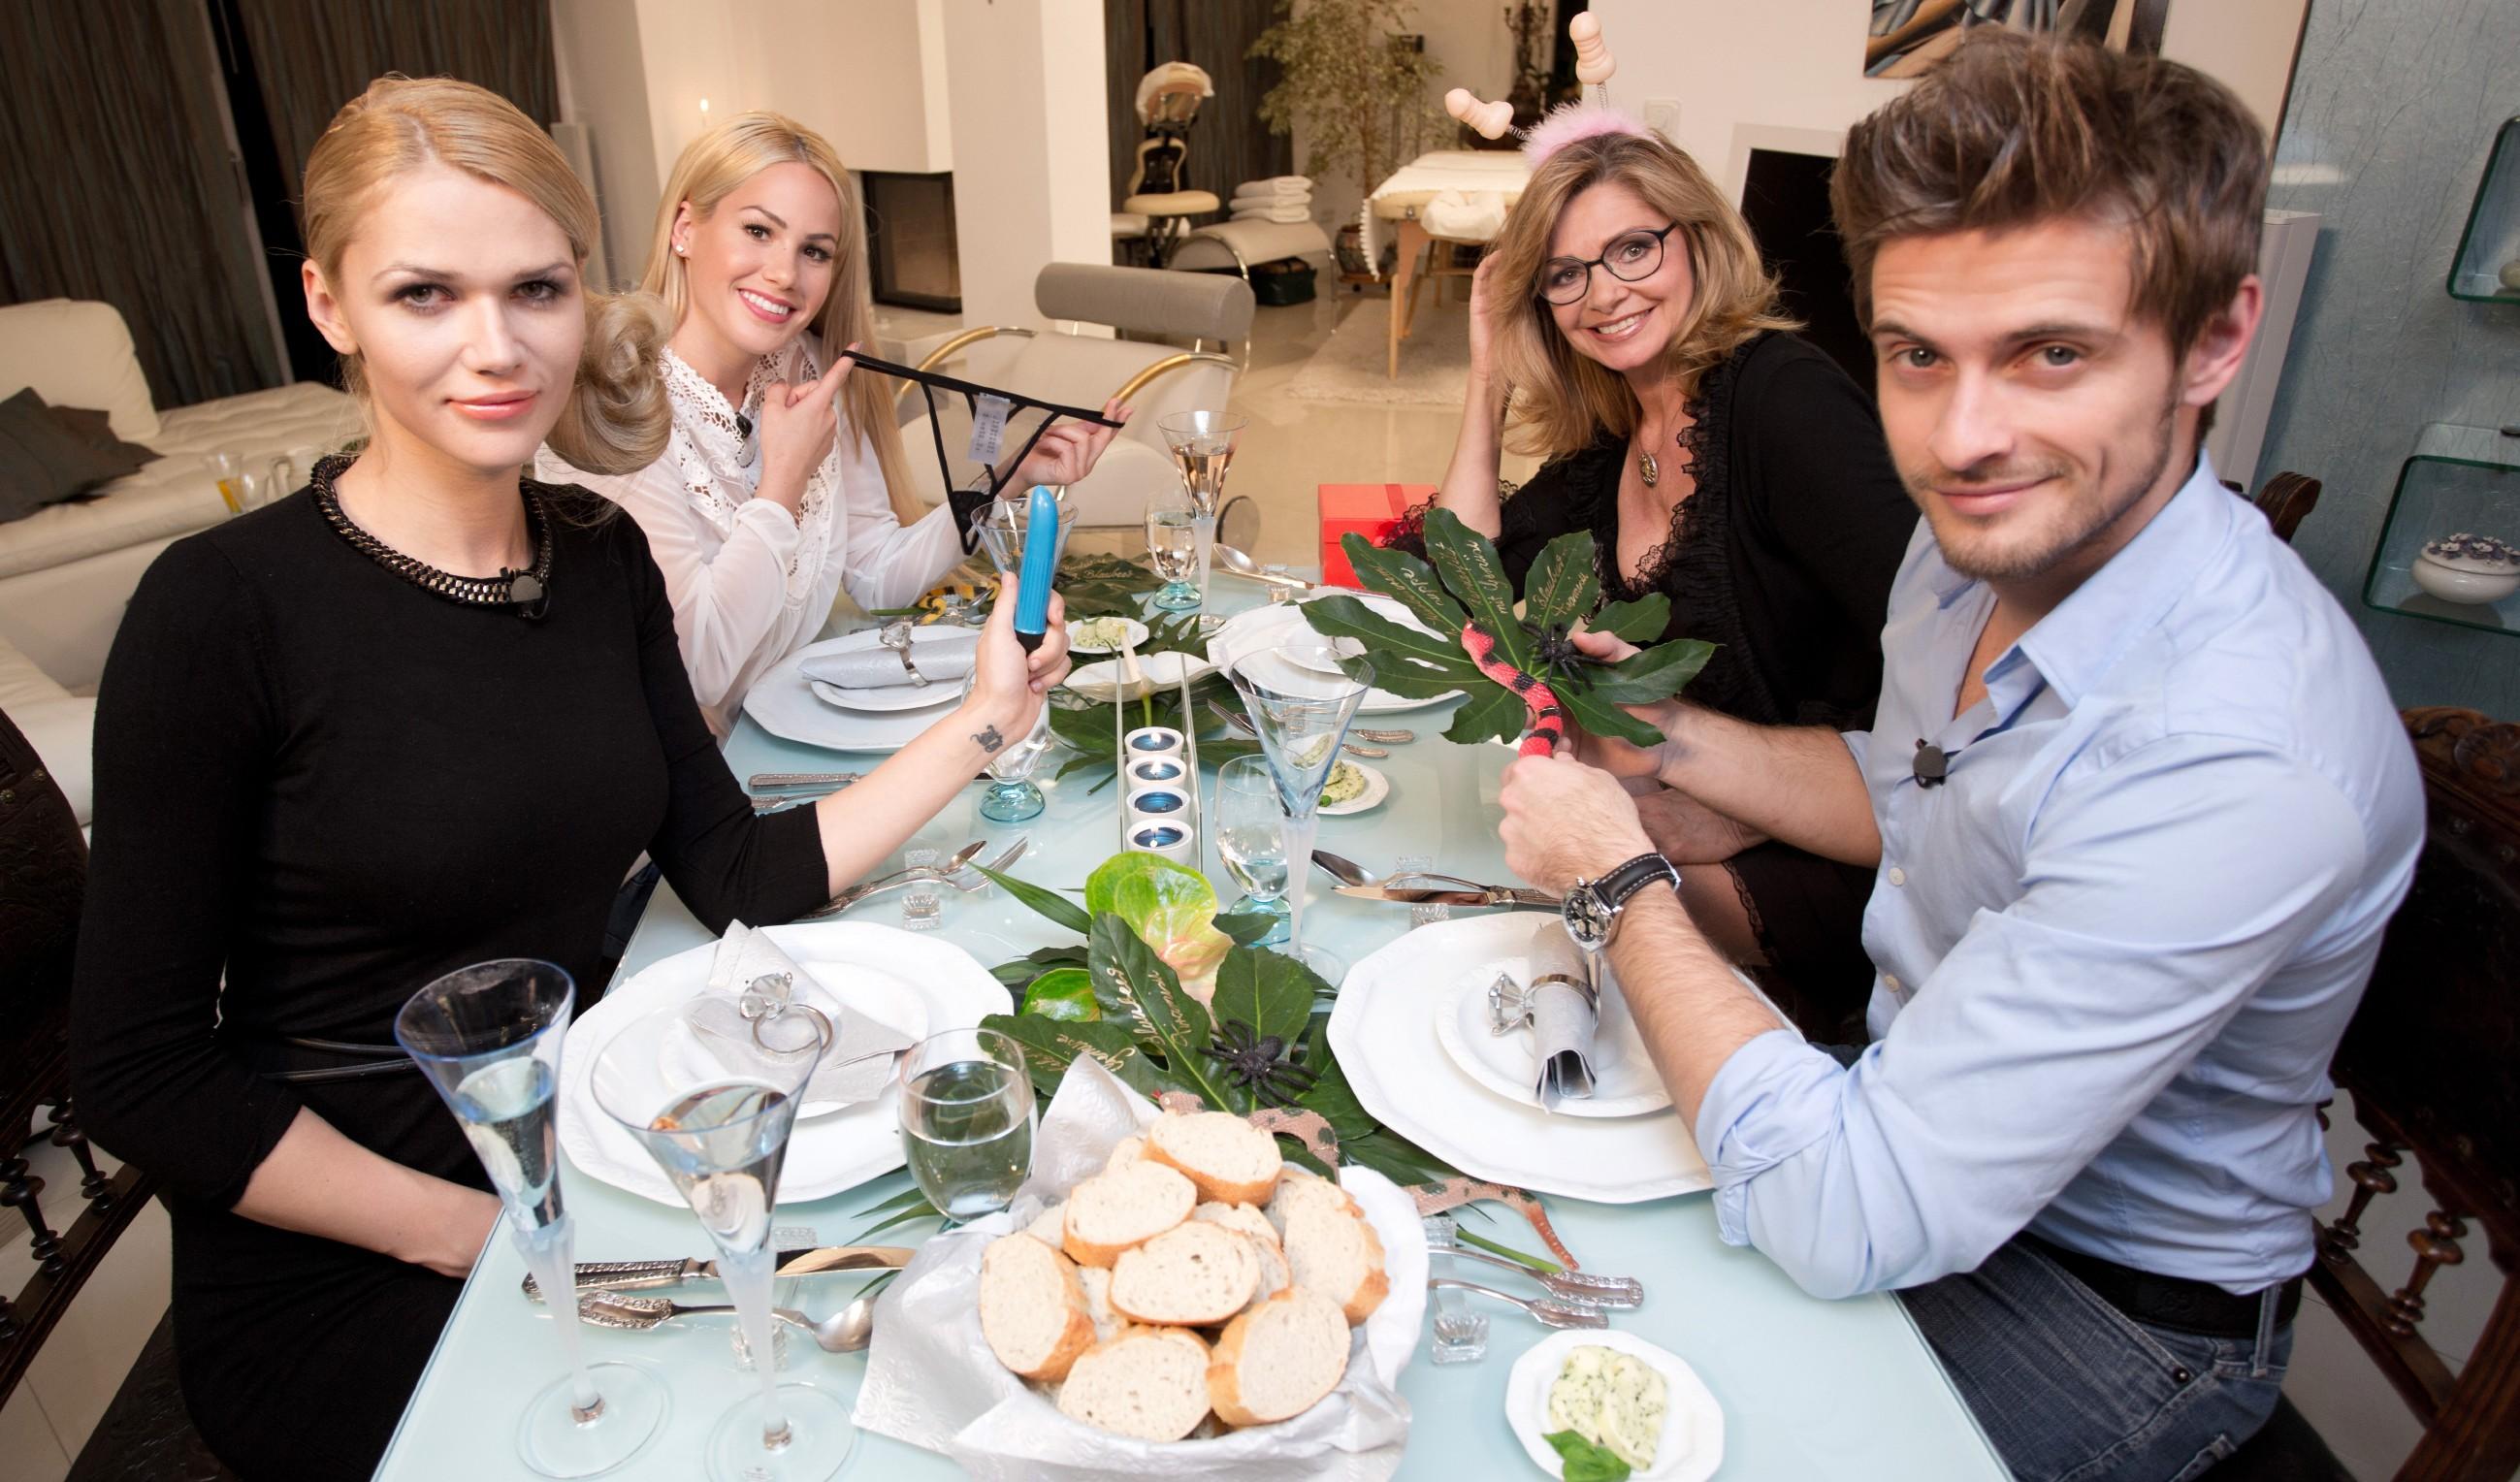 Promi Dinner - Dschungel-Spezial - Sara Kulka, Angelina Heger, Maren Gilzer und Jörn Schlönvoigt